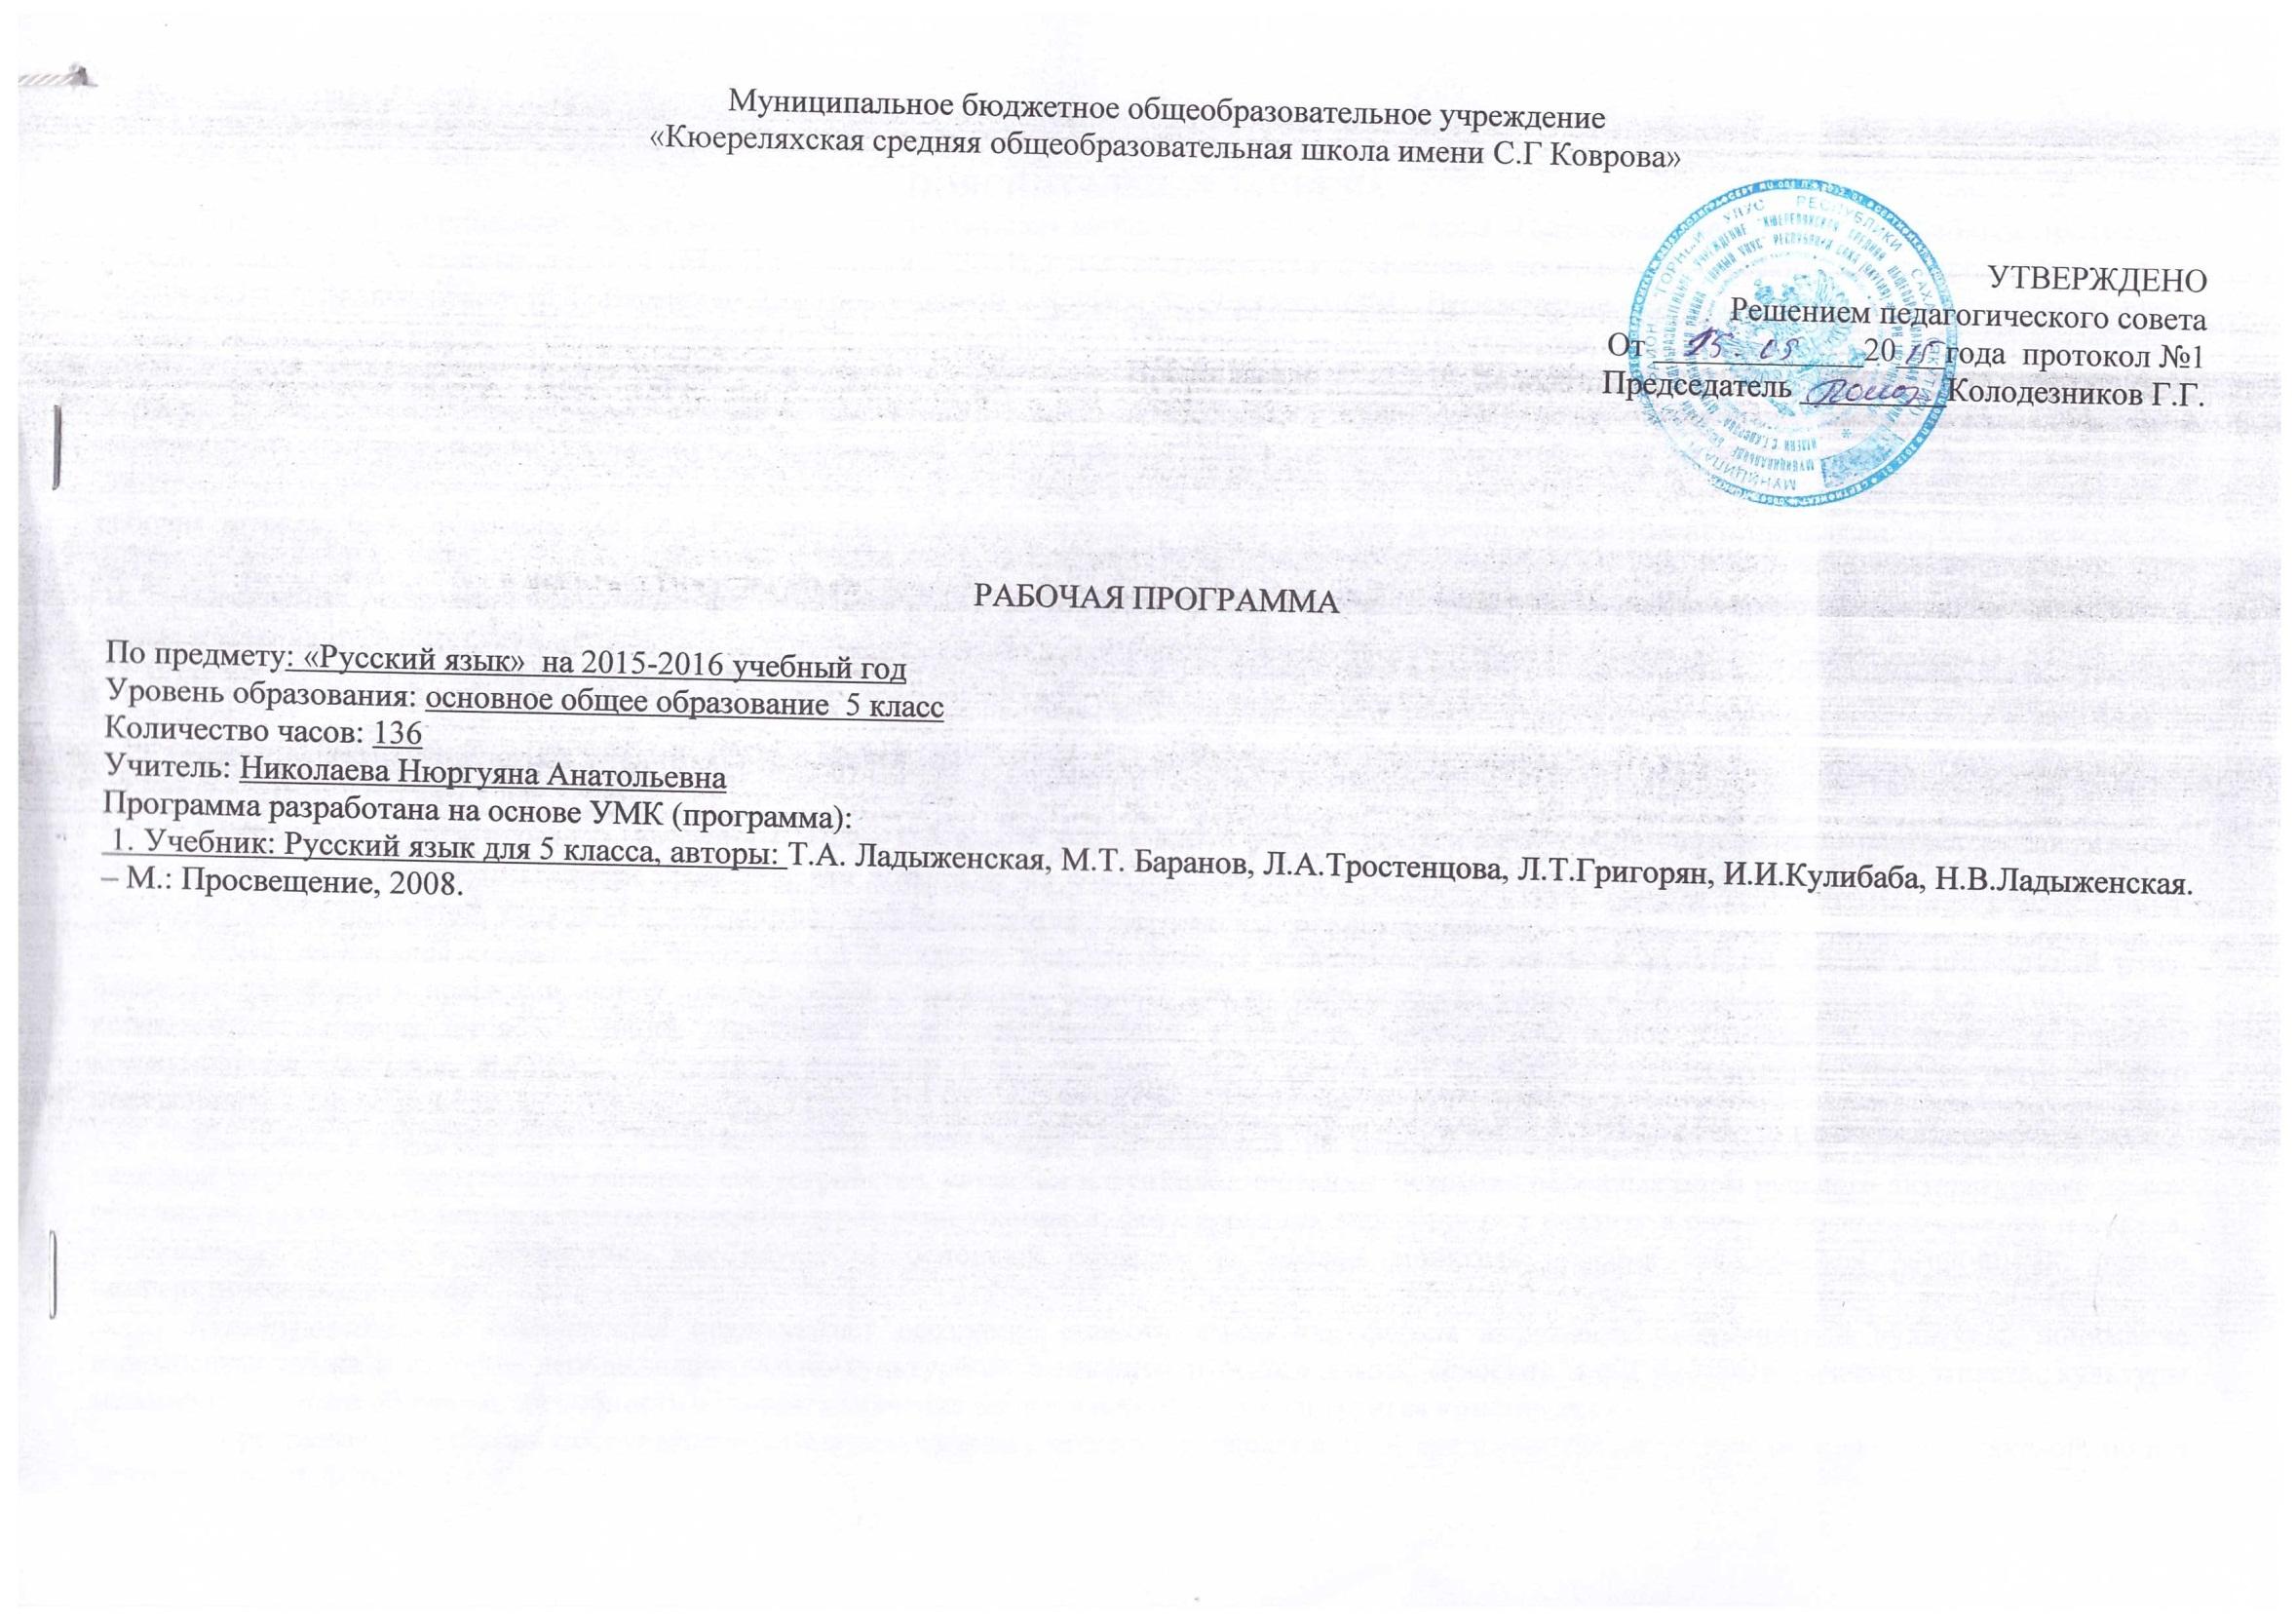 Скачатьт рабочая программа русский язык 5 класс тростенцова 136 часов